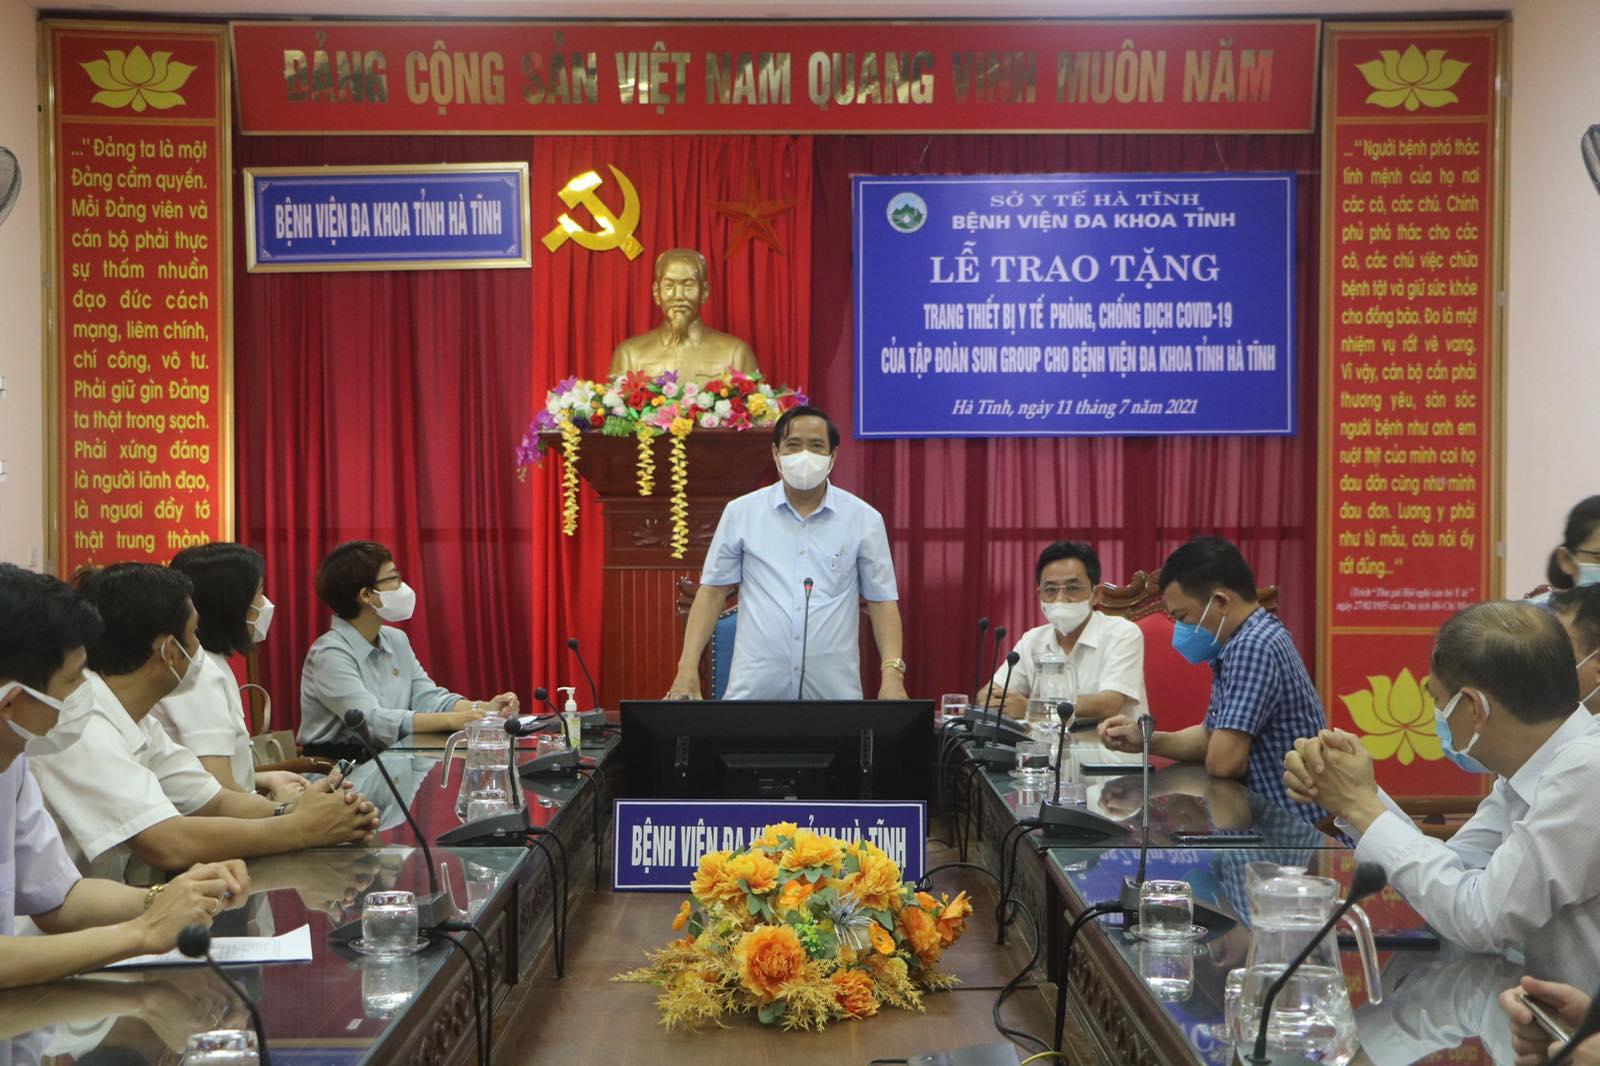 Nguyên Phó trưởng Ban Thường trực Ban Tổ chức Trung ương Nguyễn Thanh Bình phát biểu tại buổi lễ